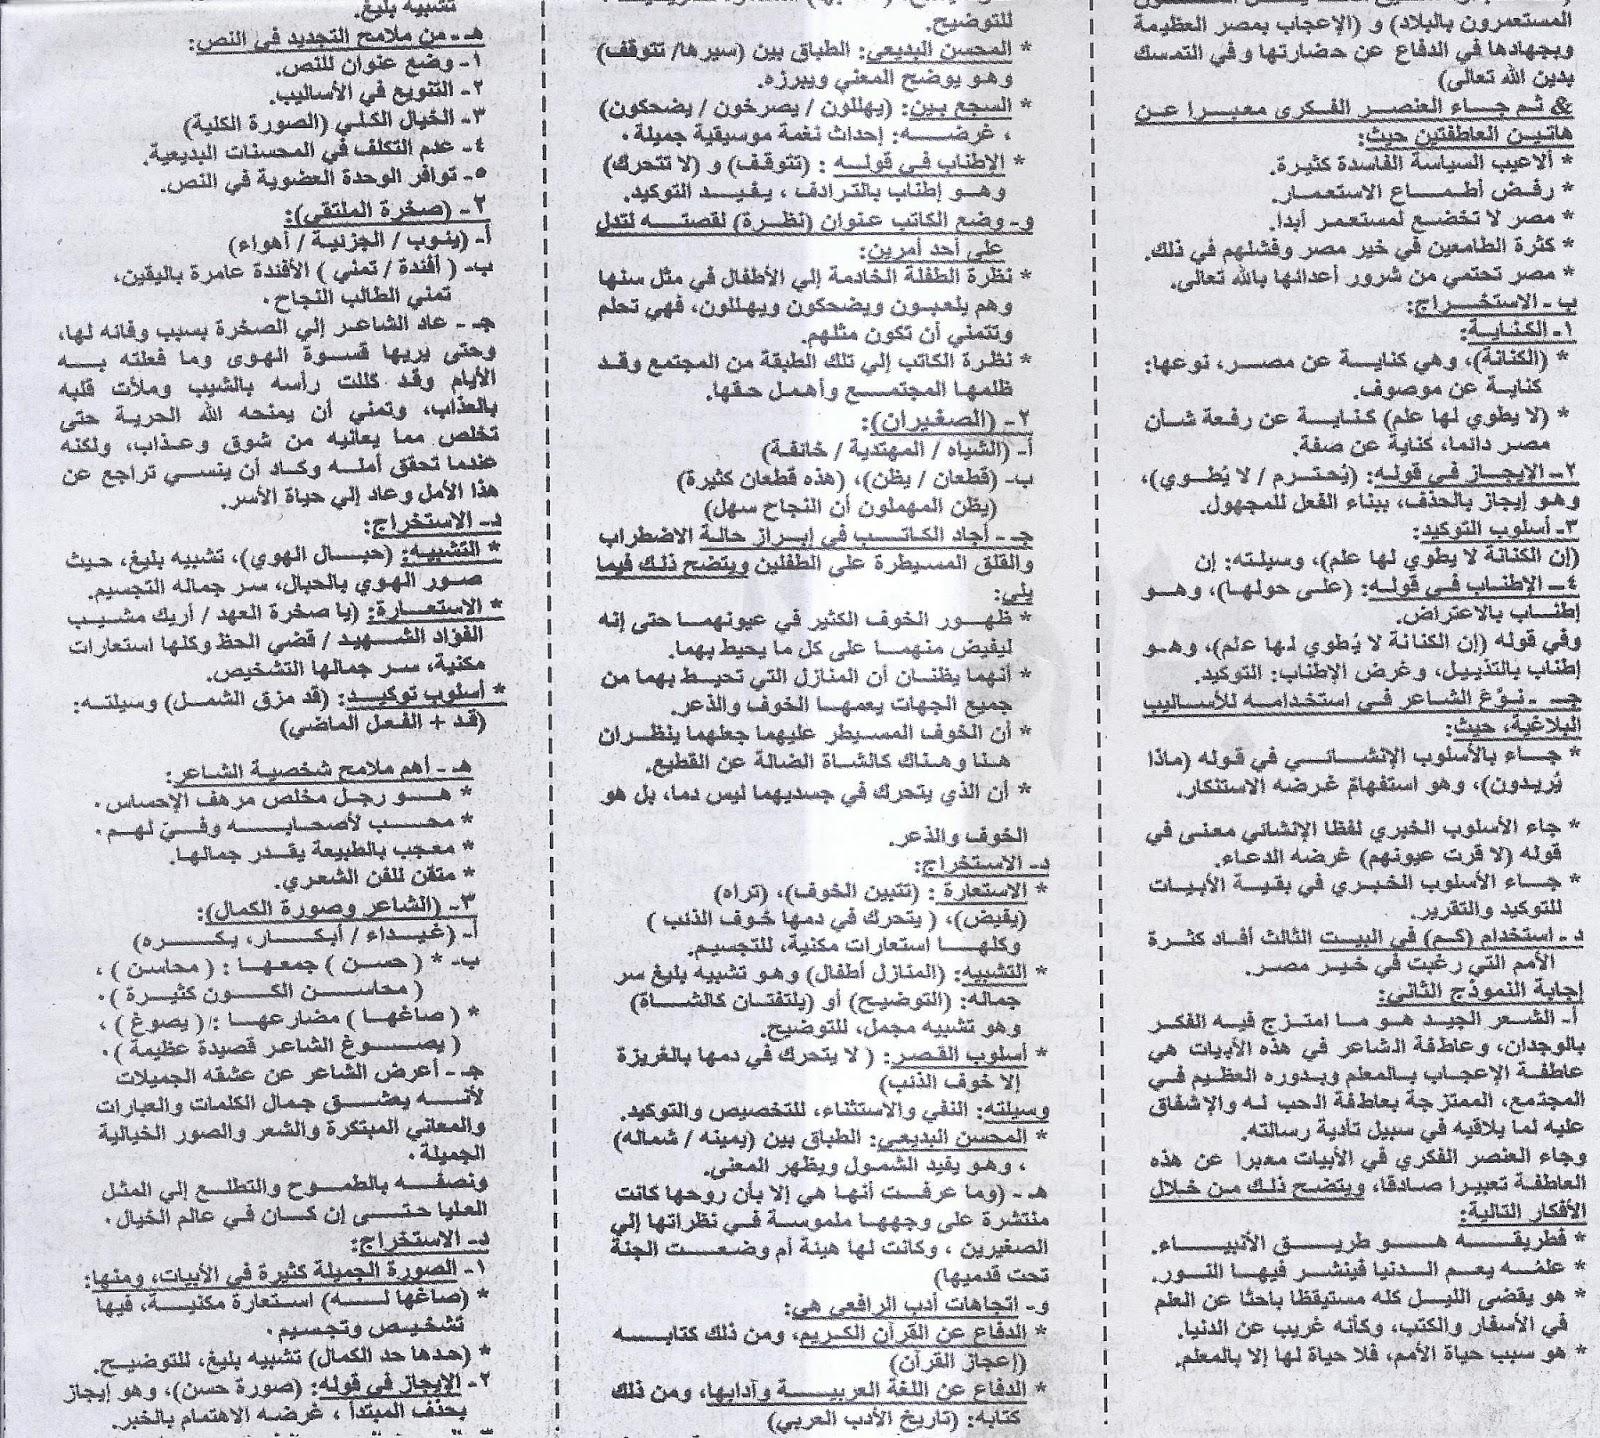 ملحق الجمهورية .. ينشر المراجعة الاخيرة لغة عربية للثانوية العامة 2016 17